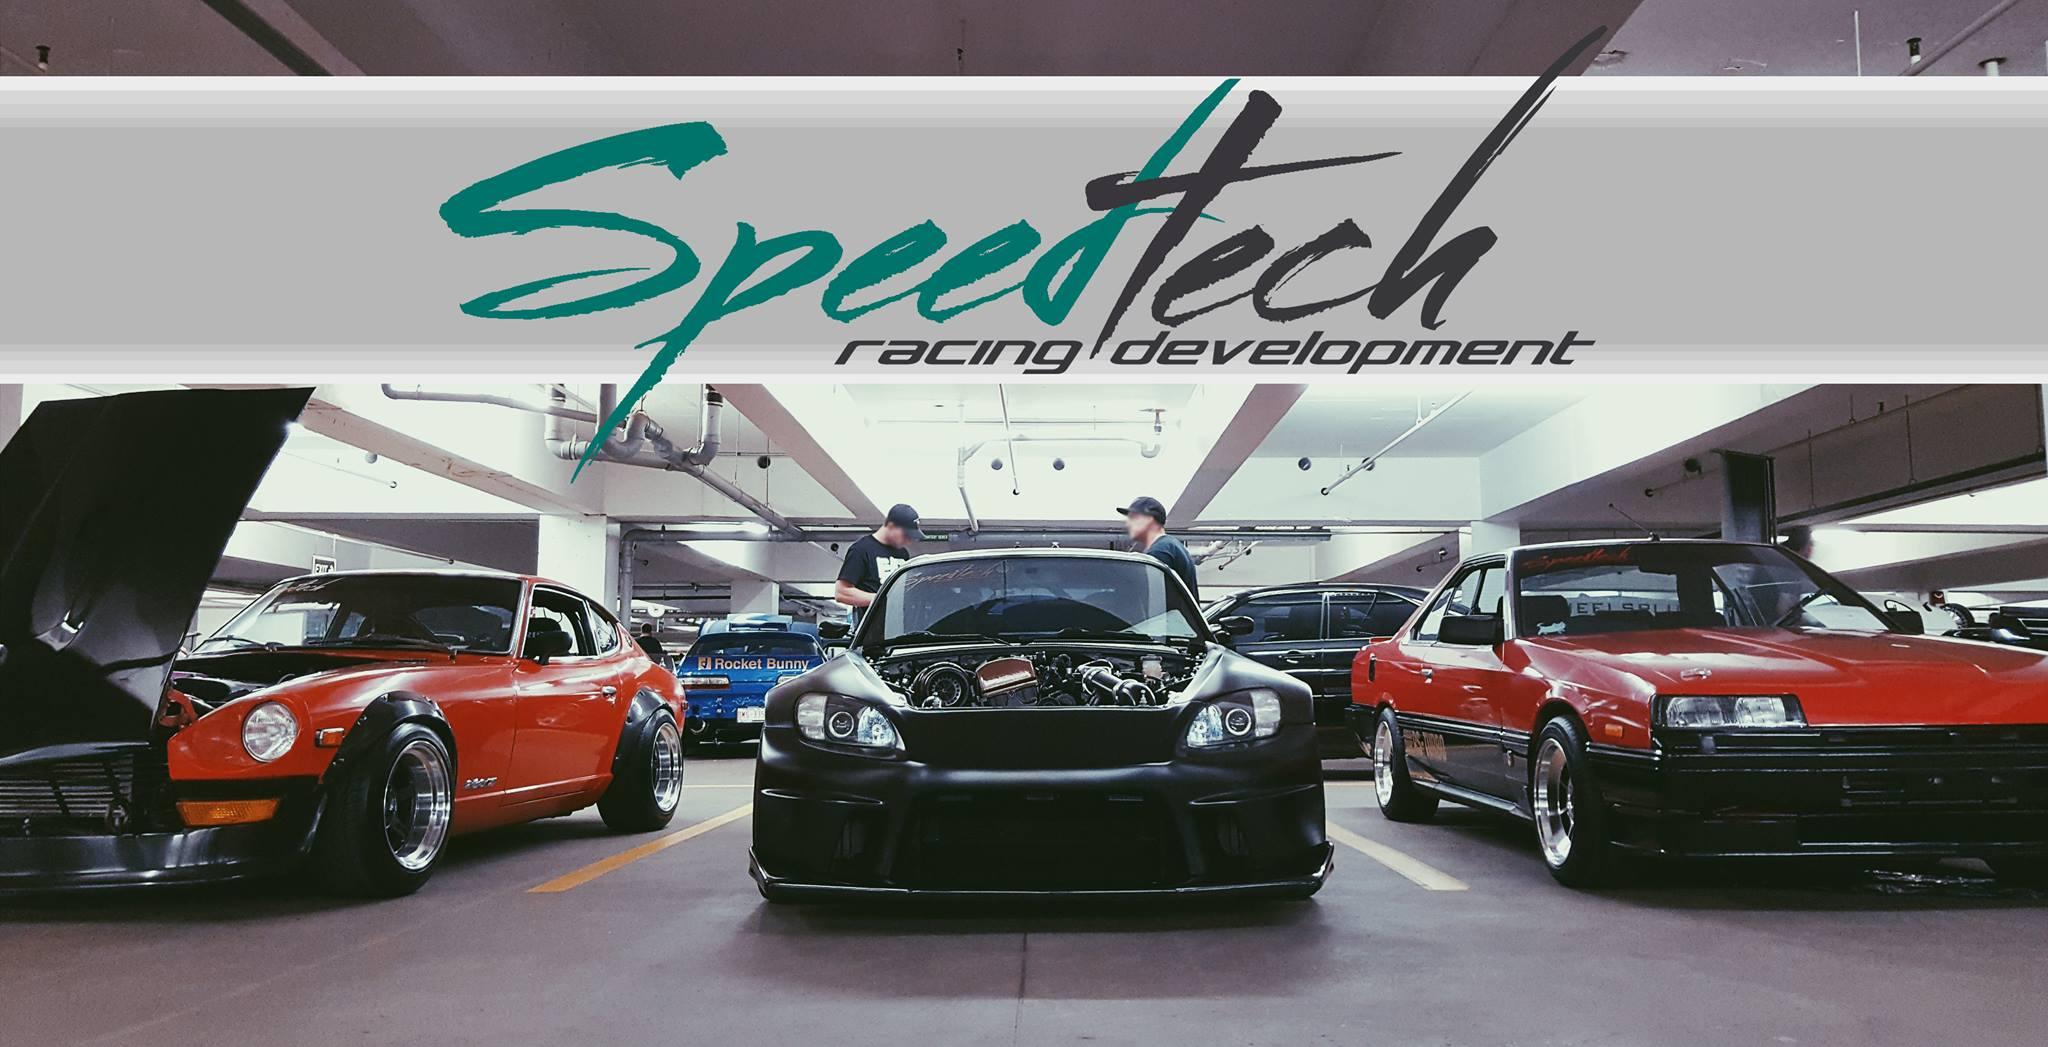 Speedtech Edmonton